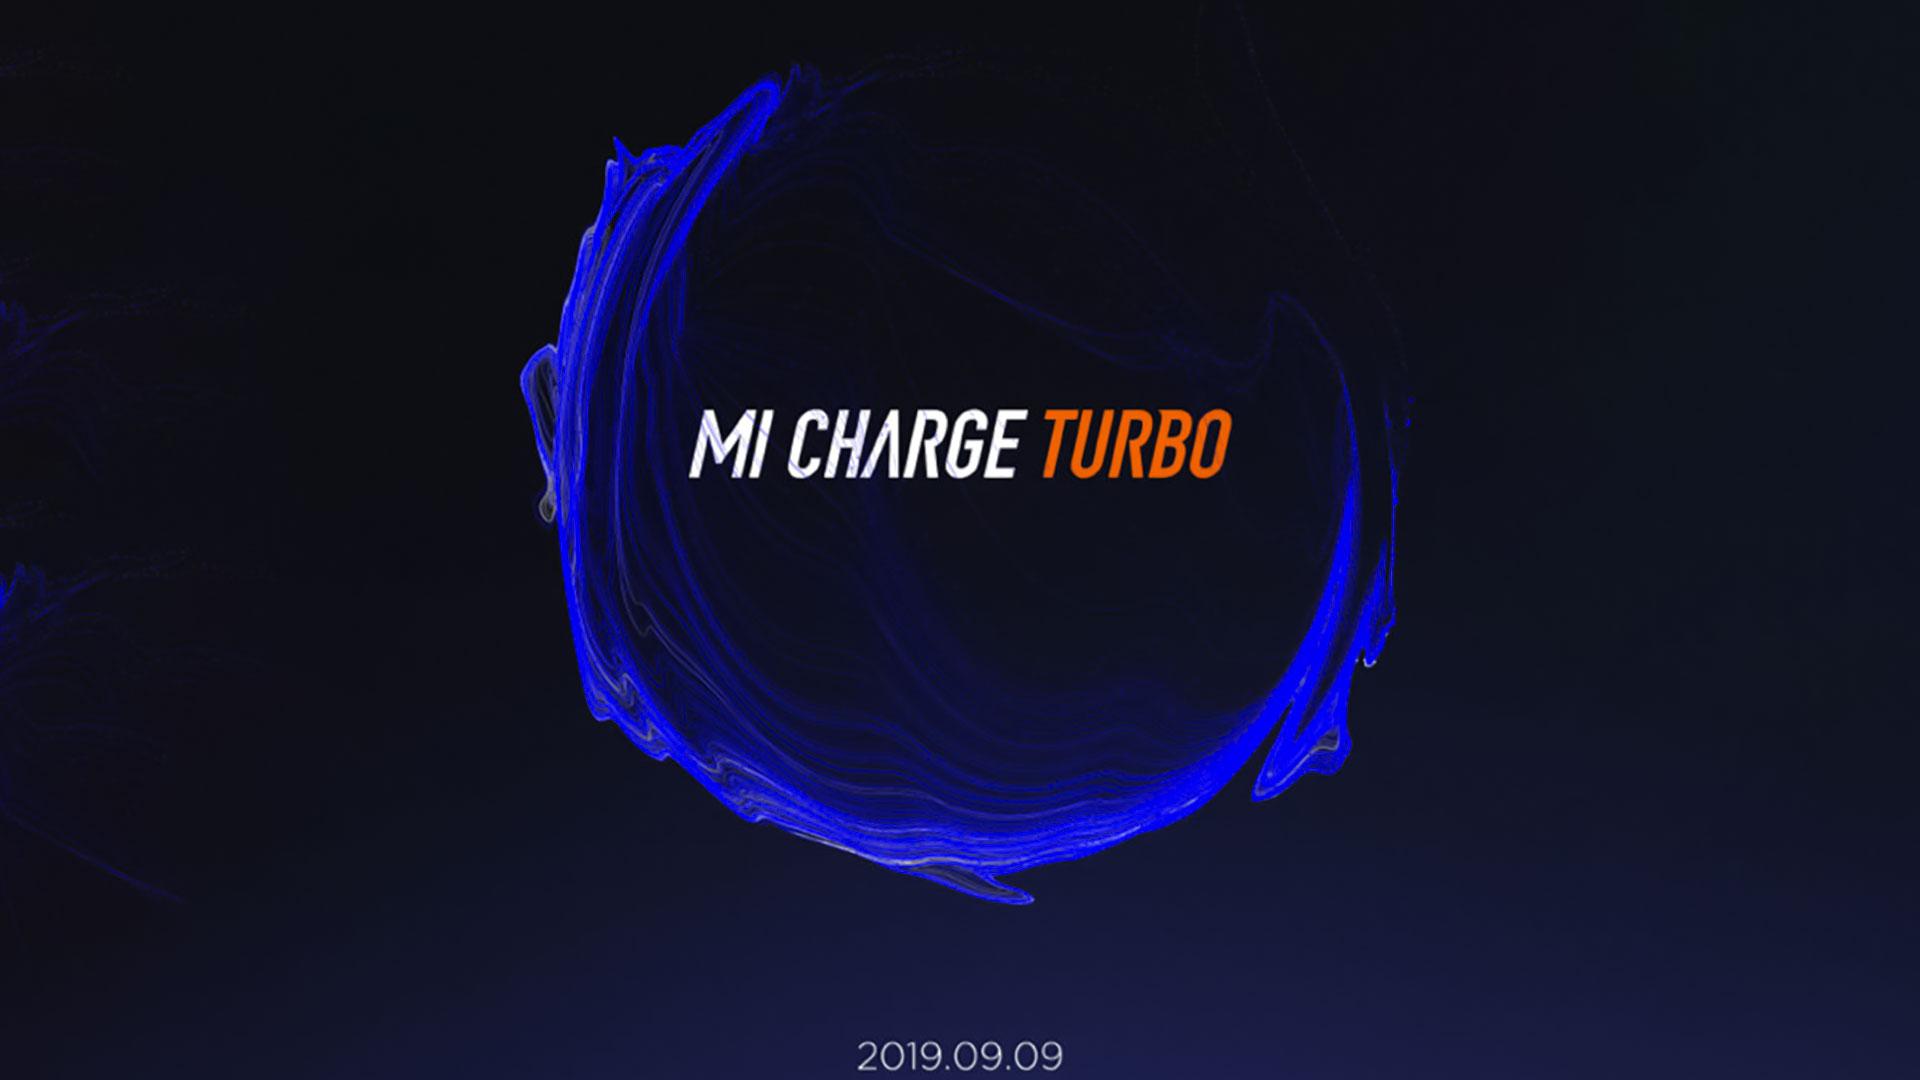 شارژر ۱۰۰ وات شیائومی در مراسم Mi Charge Turbo تاریخ ۱۸ شهریور ۹۸ معرفی خواهد شد